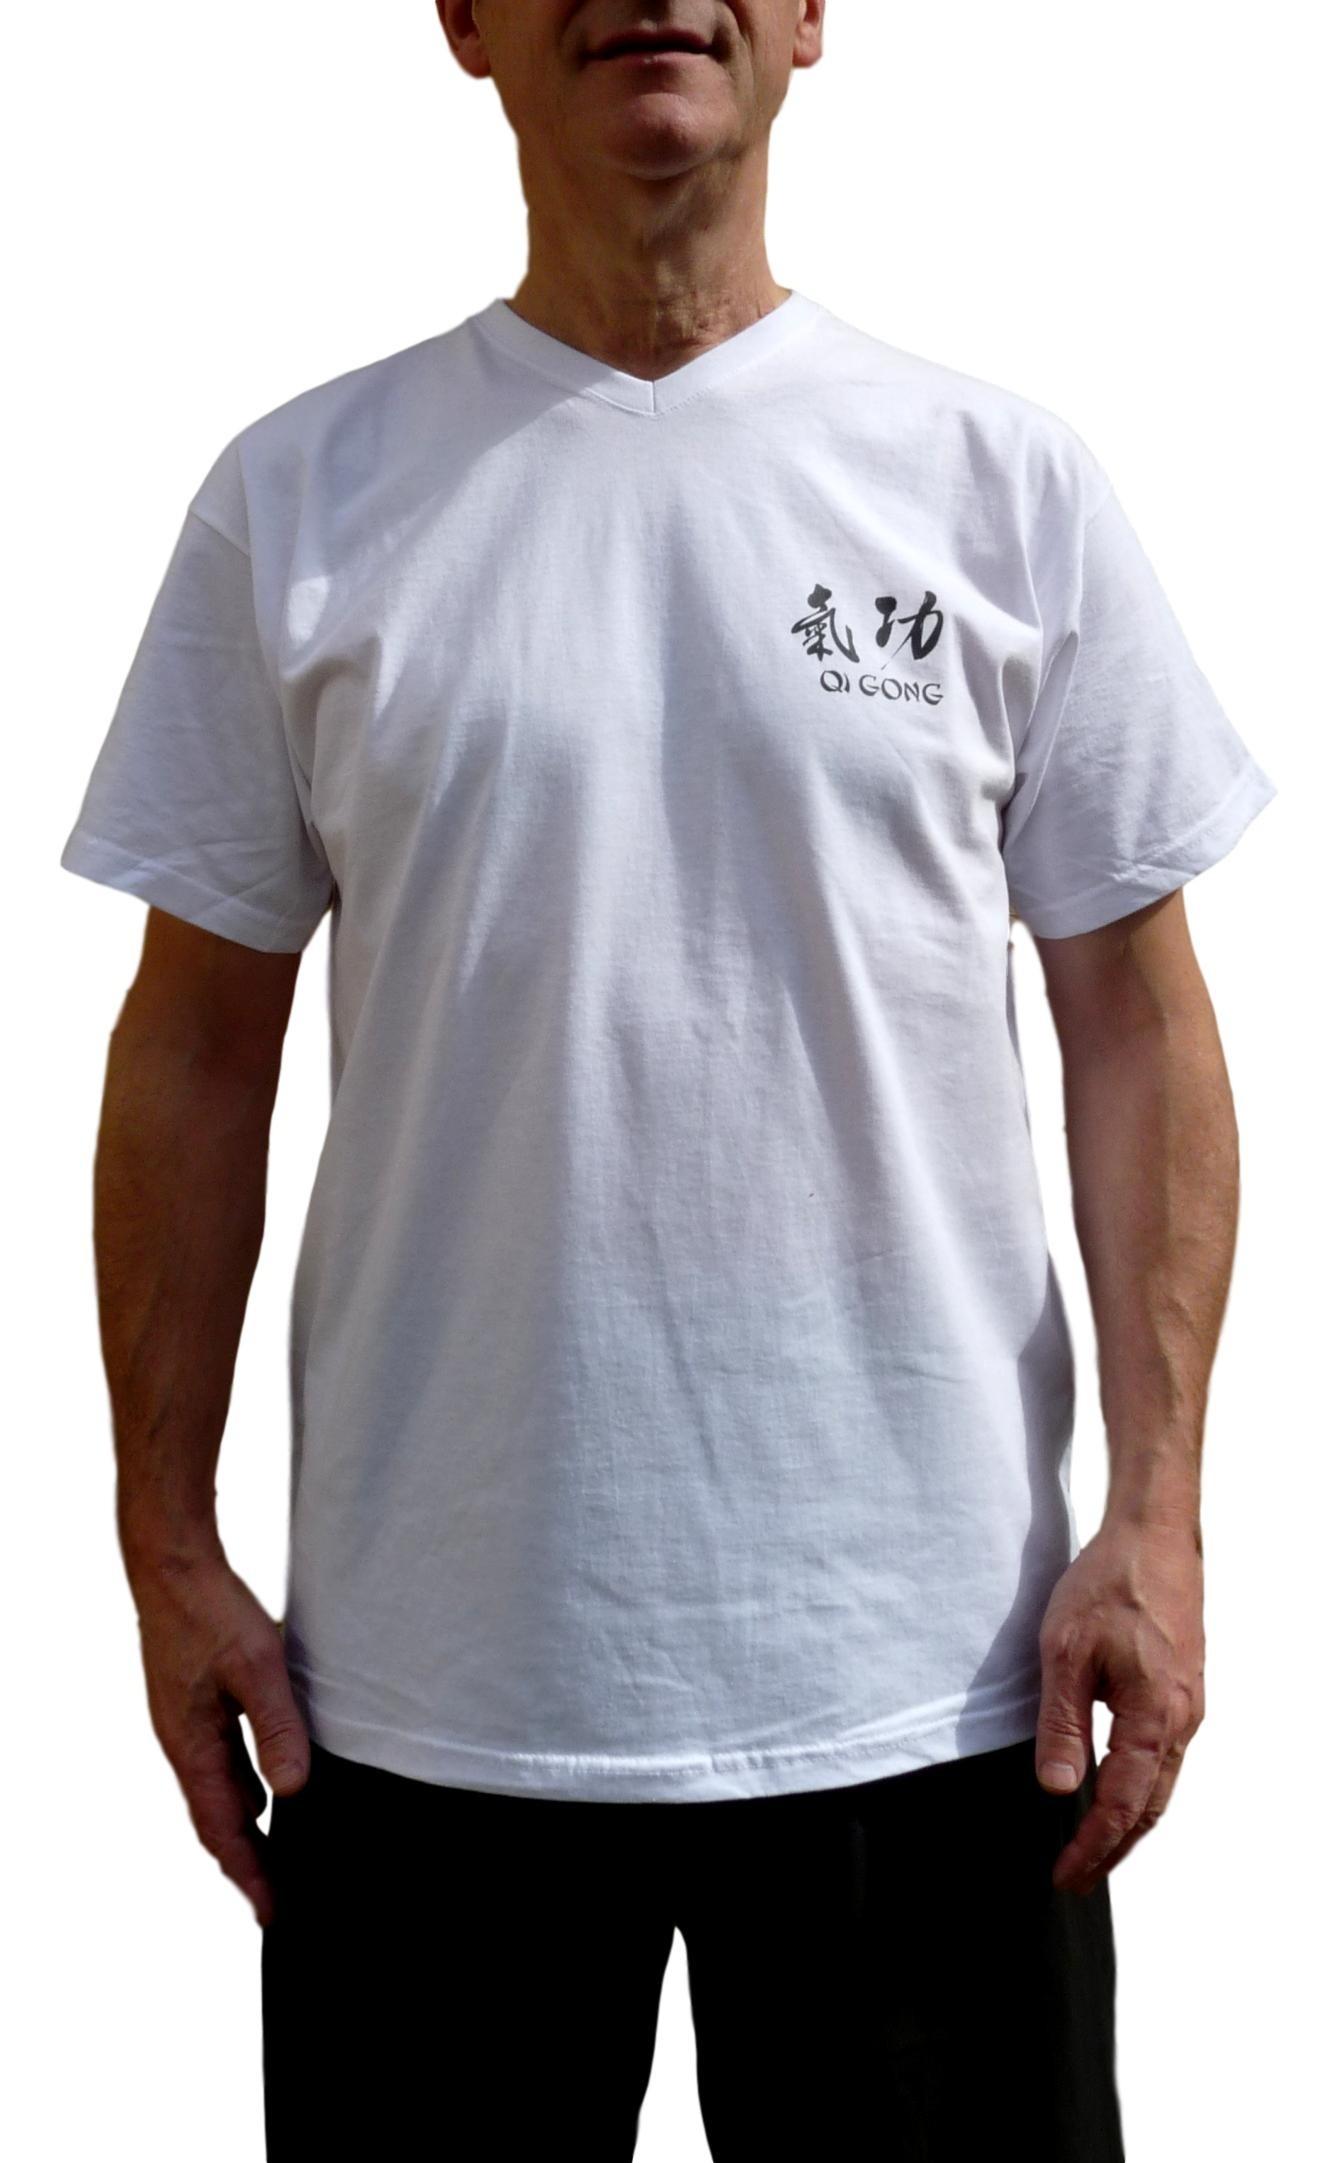 Tee-shirt Qi gong blanc - 100% coton